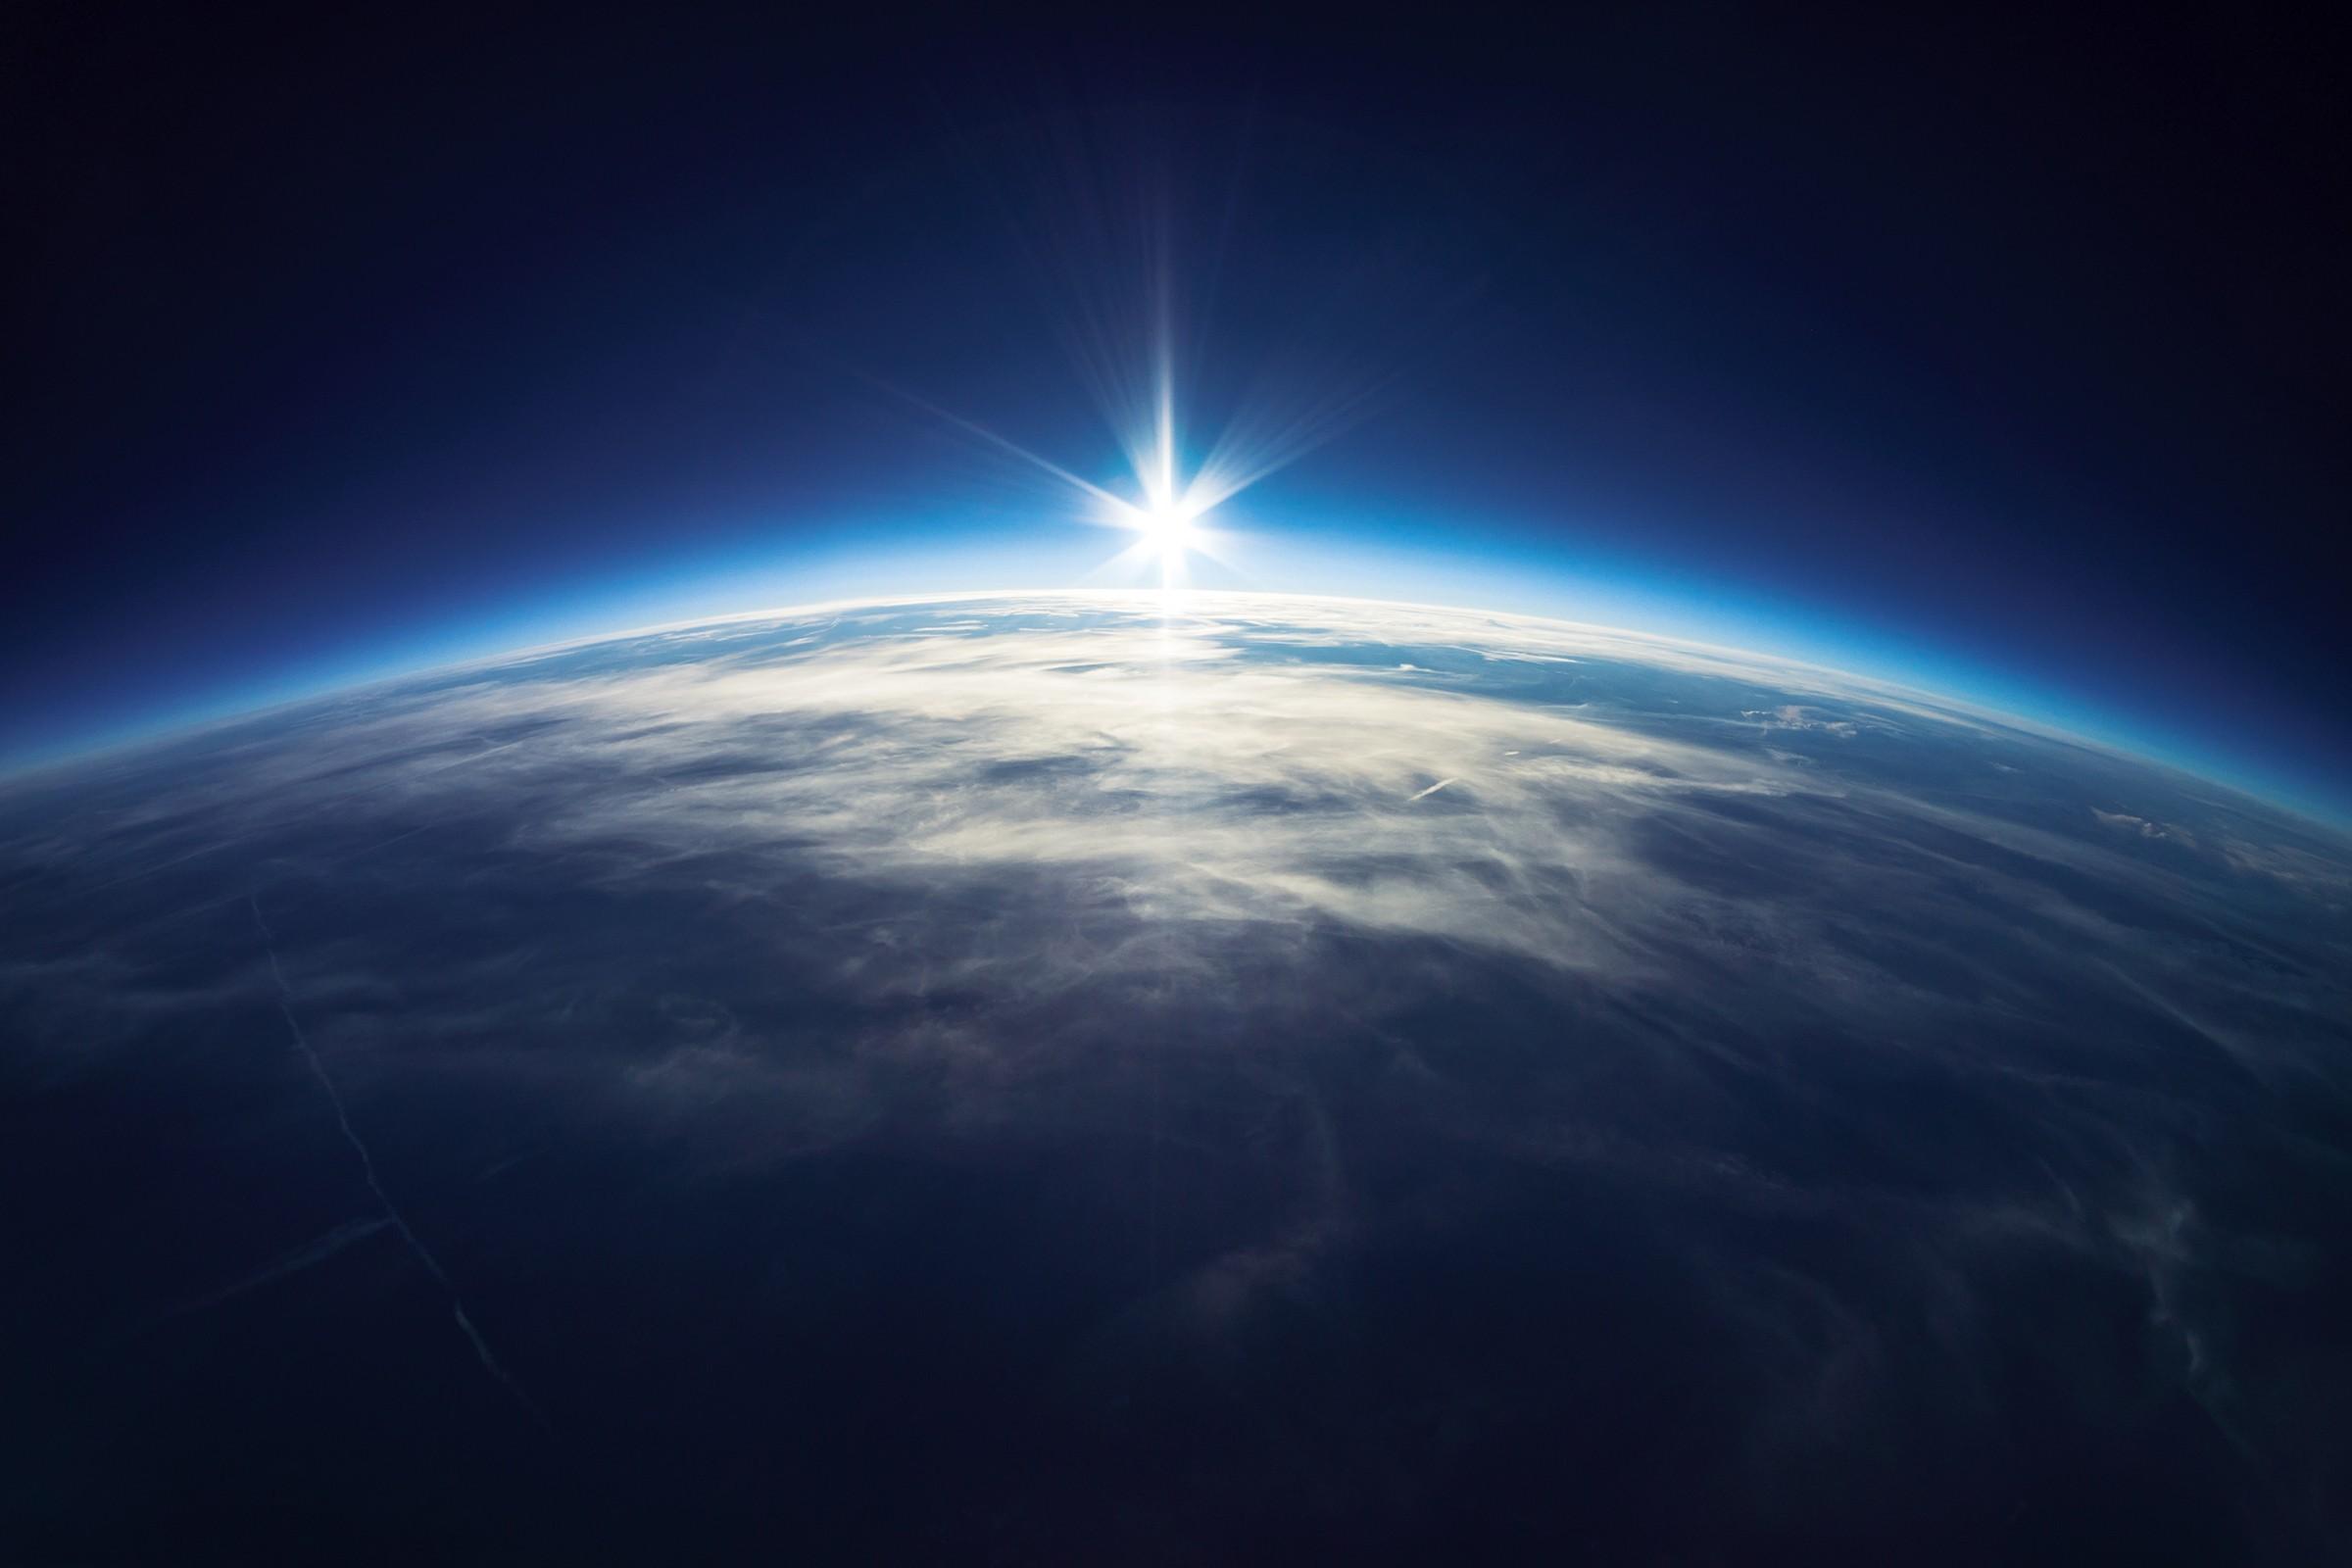 фото восхода с орбиты зайдите одноклассники